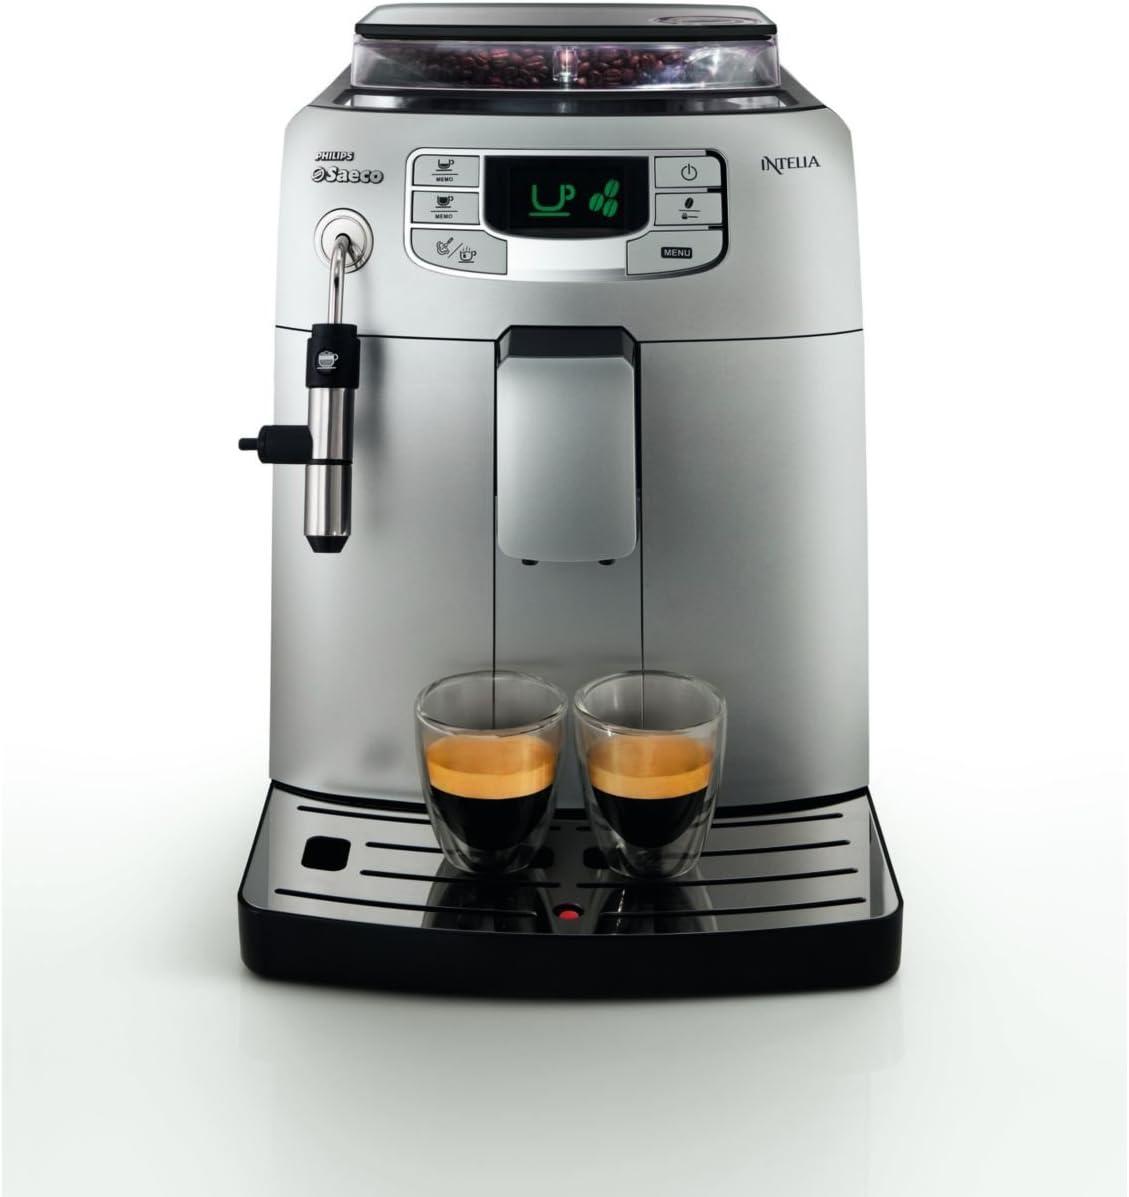 Saeco HD8752/41 - Cafetera Saeco Intelia espresso automática 1900W ...